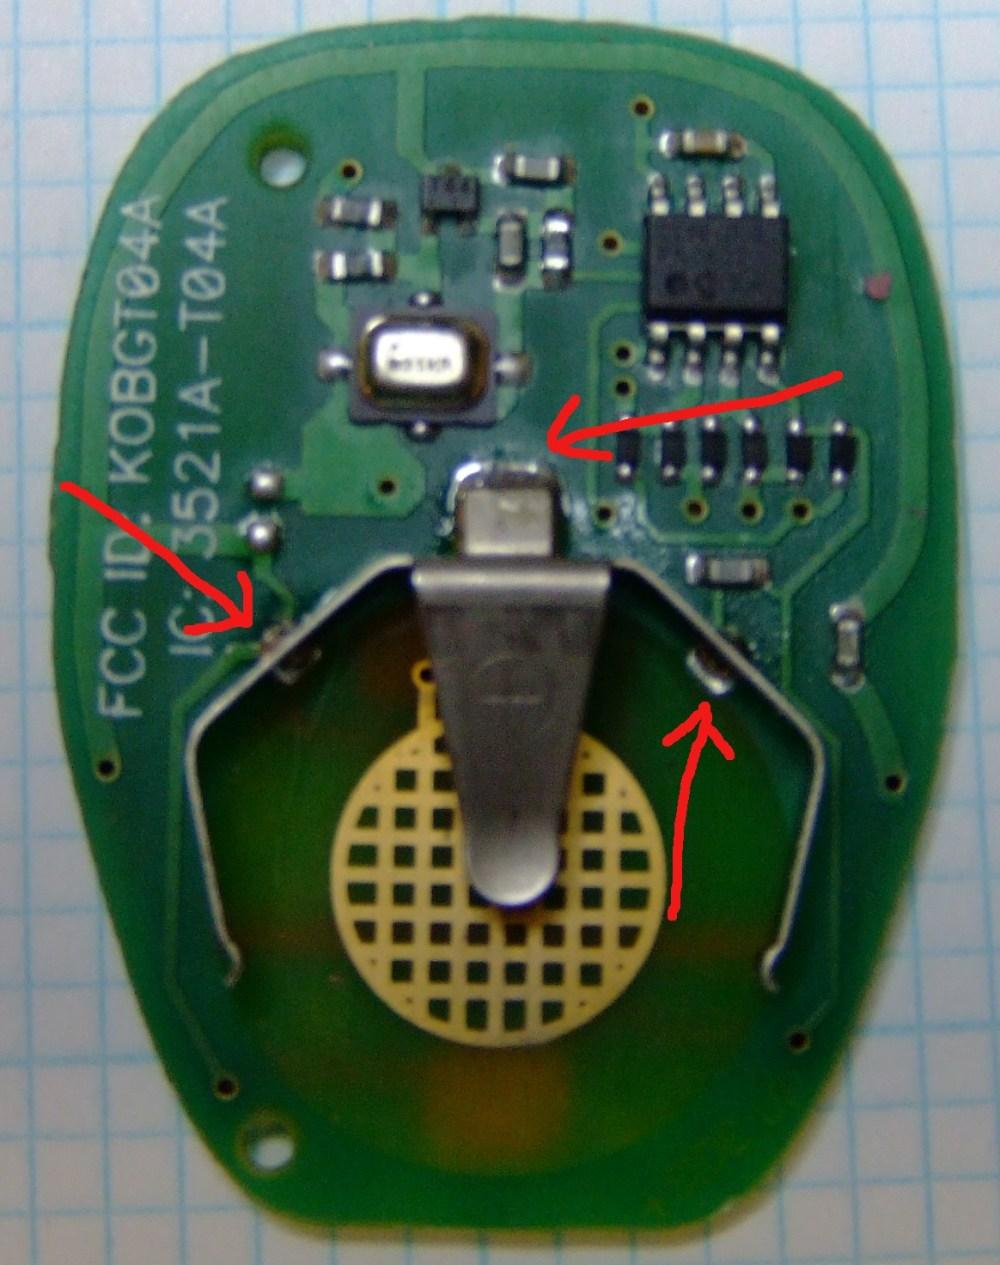 medium resolution of key fob schematic wiring diagram technic fixyourboard chevy keyfob key fob schematic